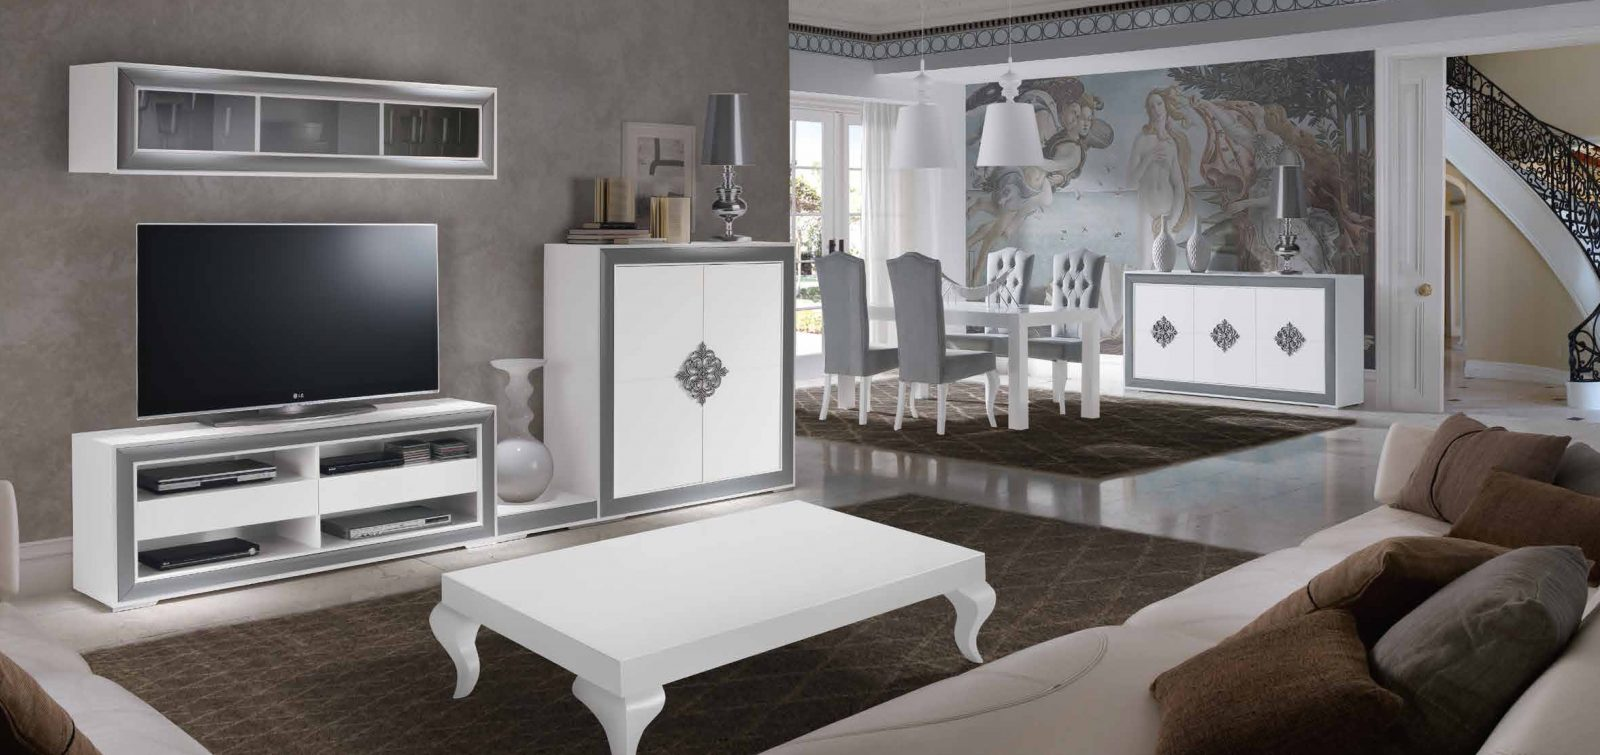 Salon Comedor Venecia Mobiliario Hd # Muebles Hukam Venecia